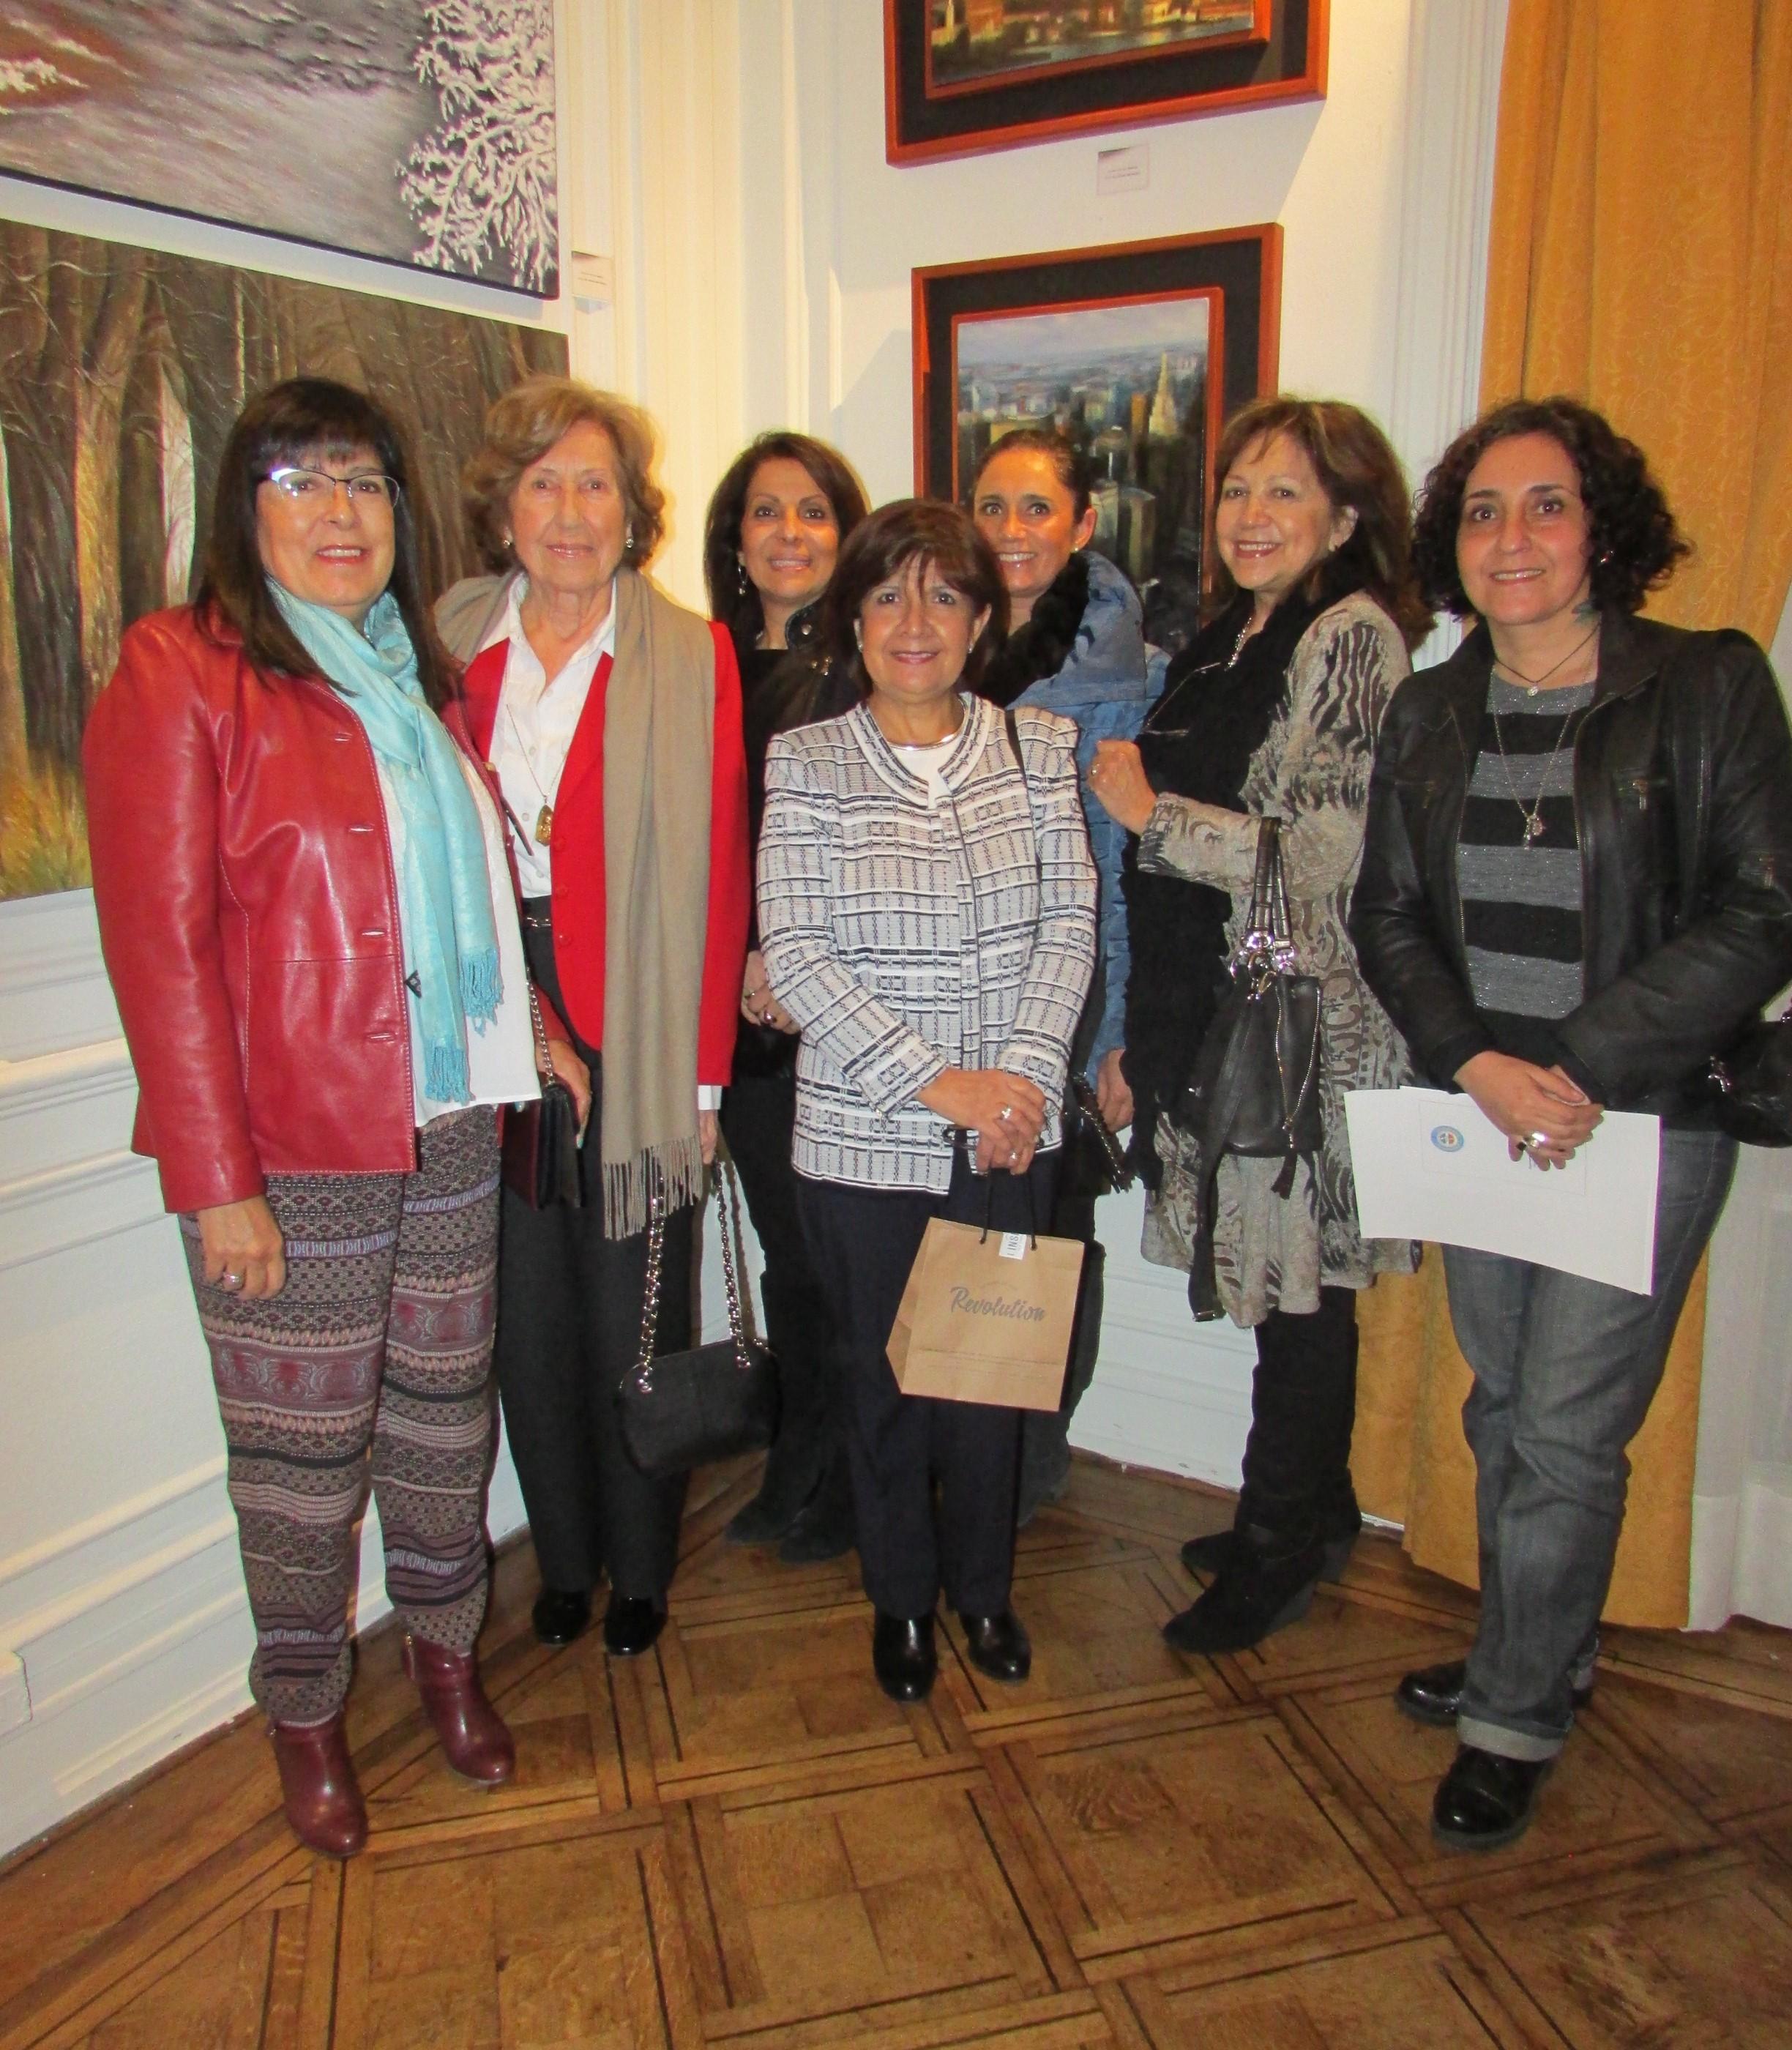 La artista, Dra. Patricia Véliz, con sus compañeras y profesora del taller artístico otradimension.cl